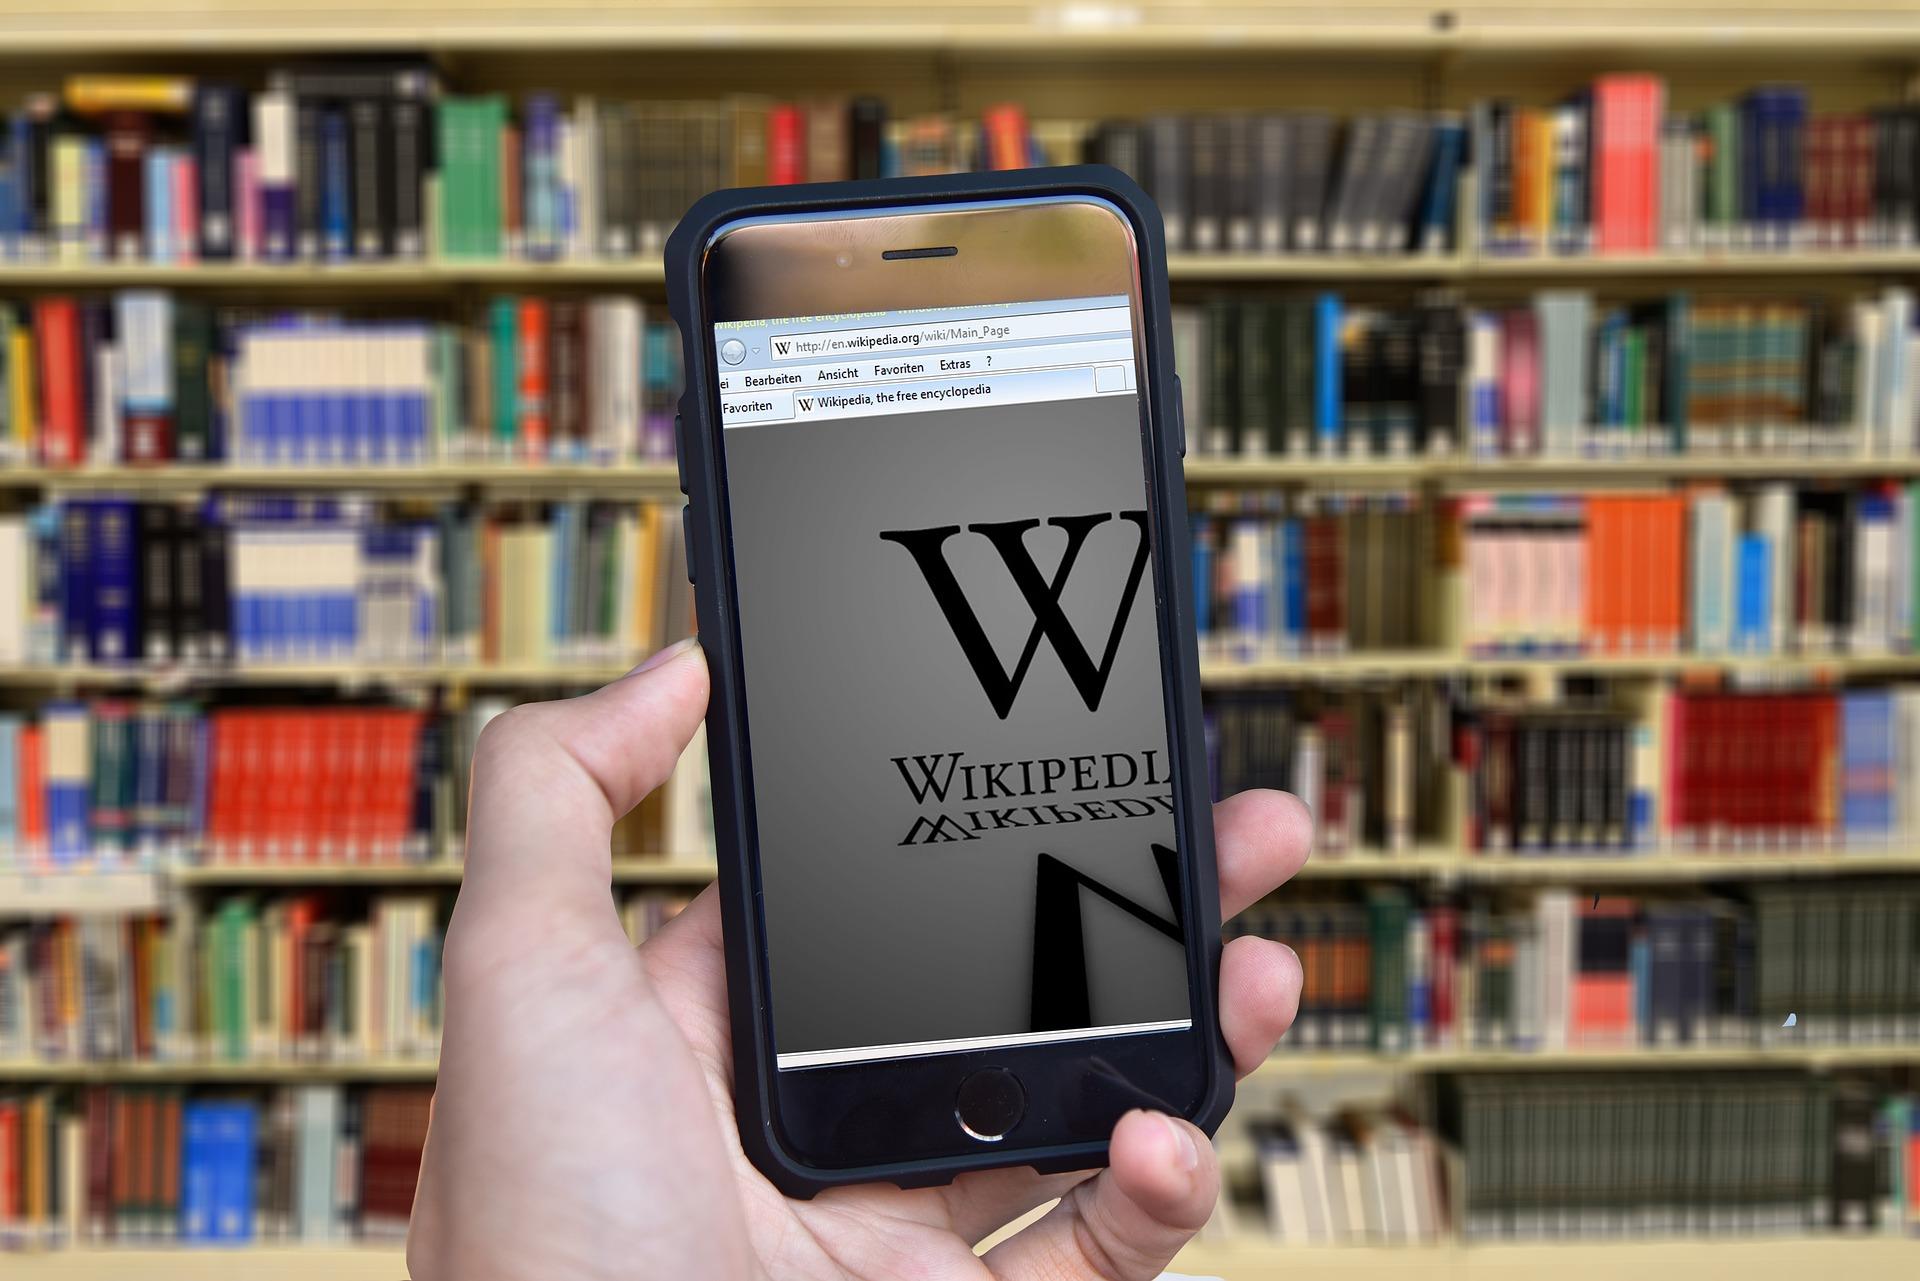 wikipedia and content creators